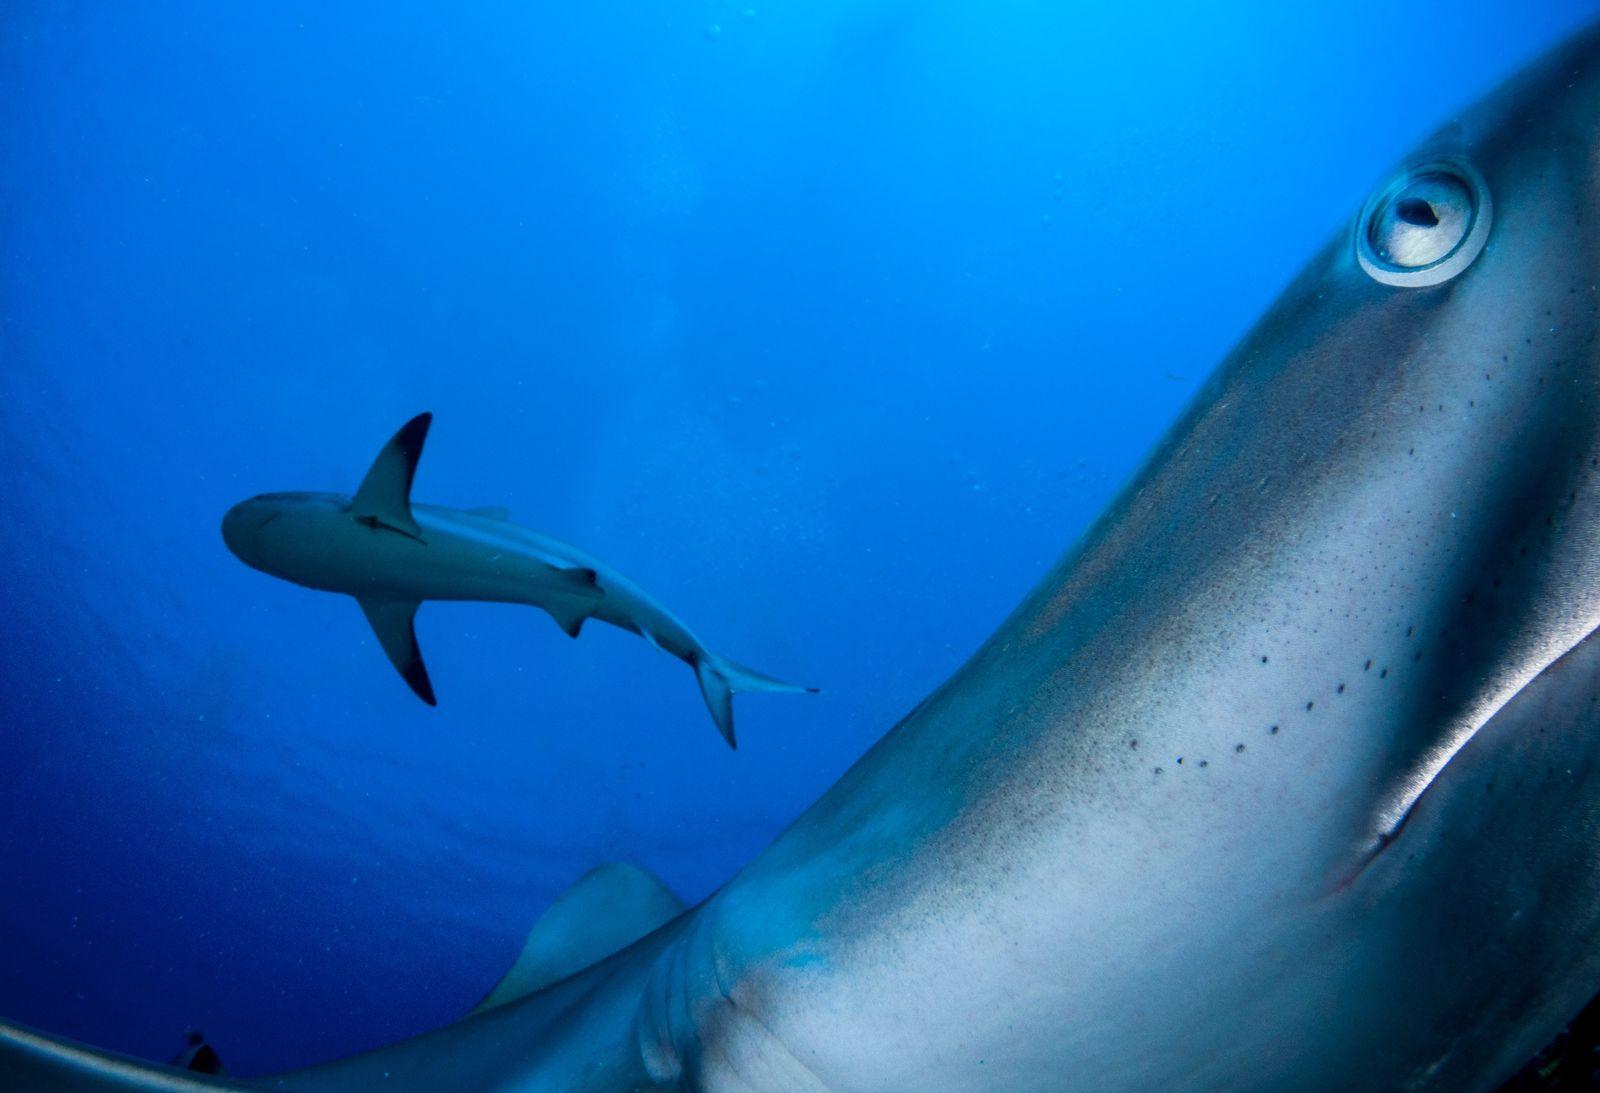 Imagens Extraordinárias Levam-no ao Fundo do Mar